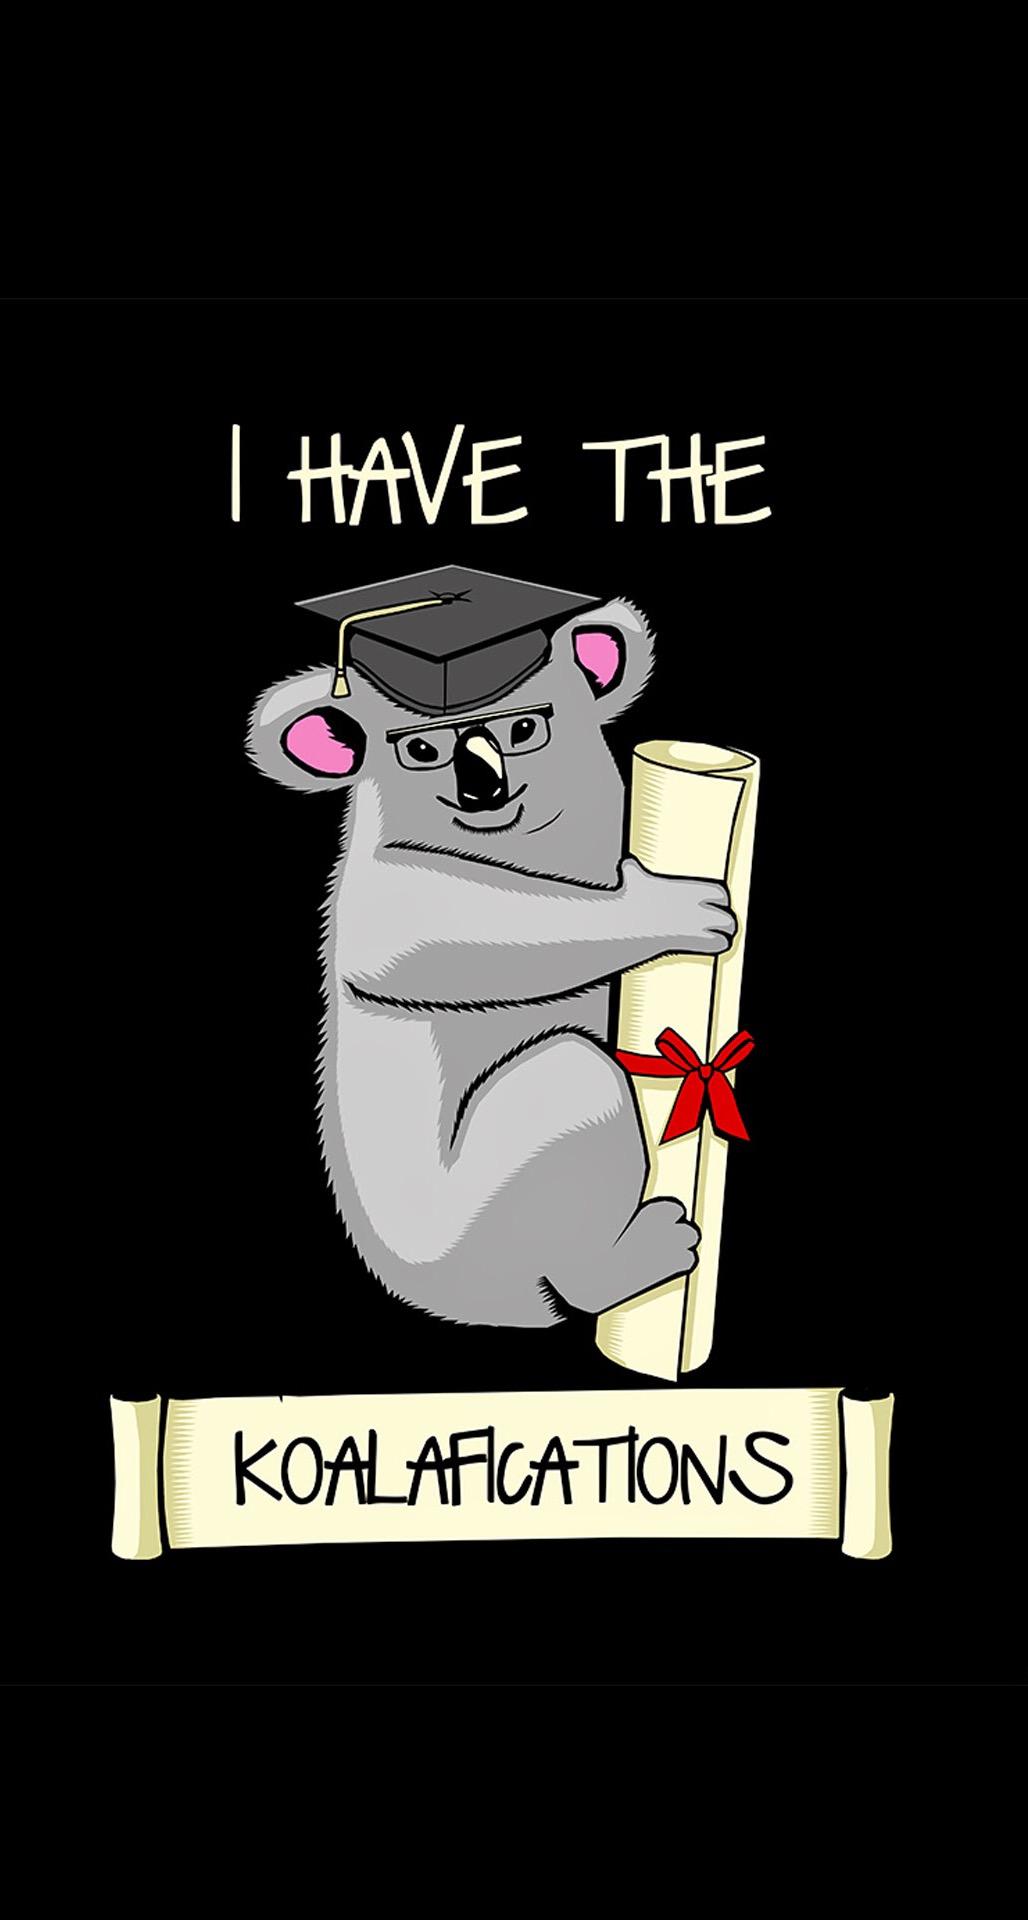 20个有趣的iphone壁纸 - 我有koalafications